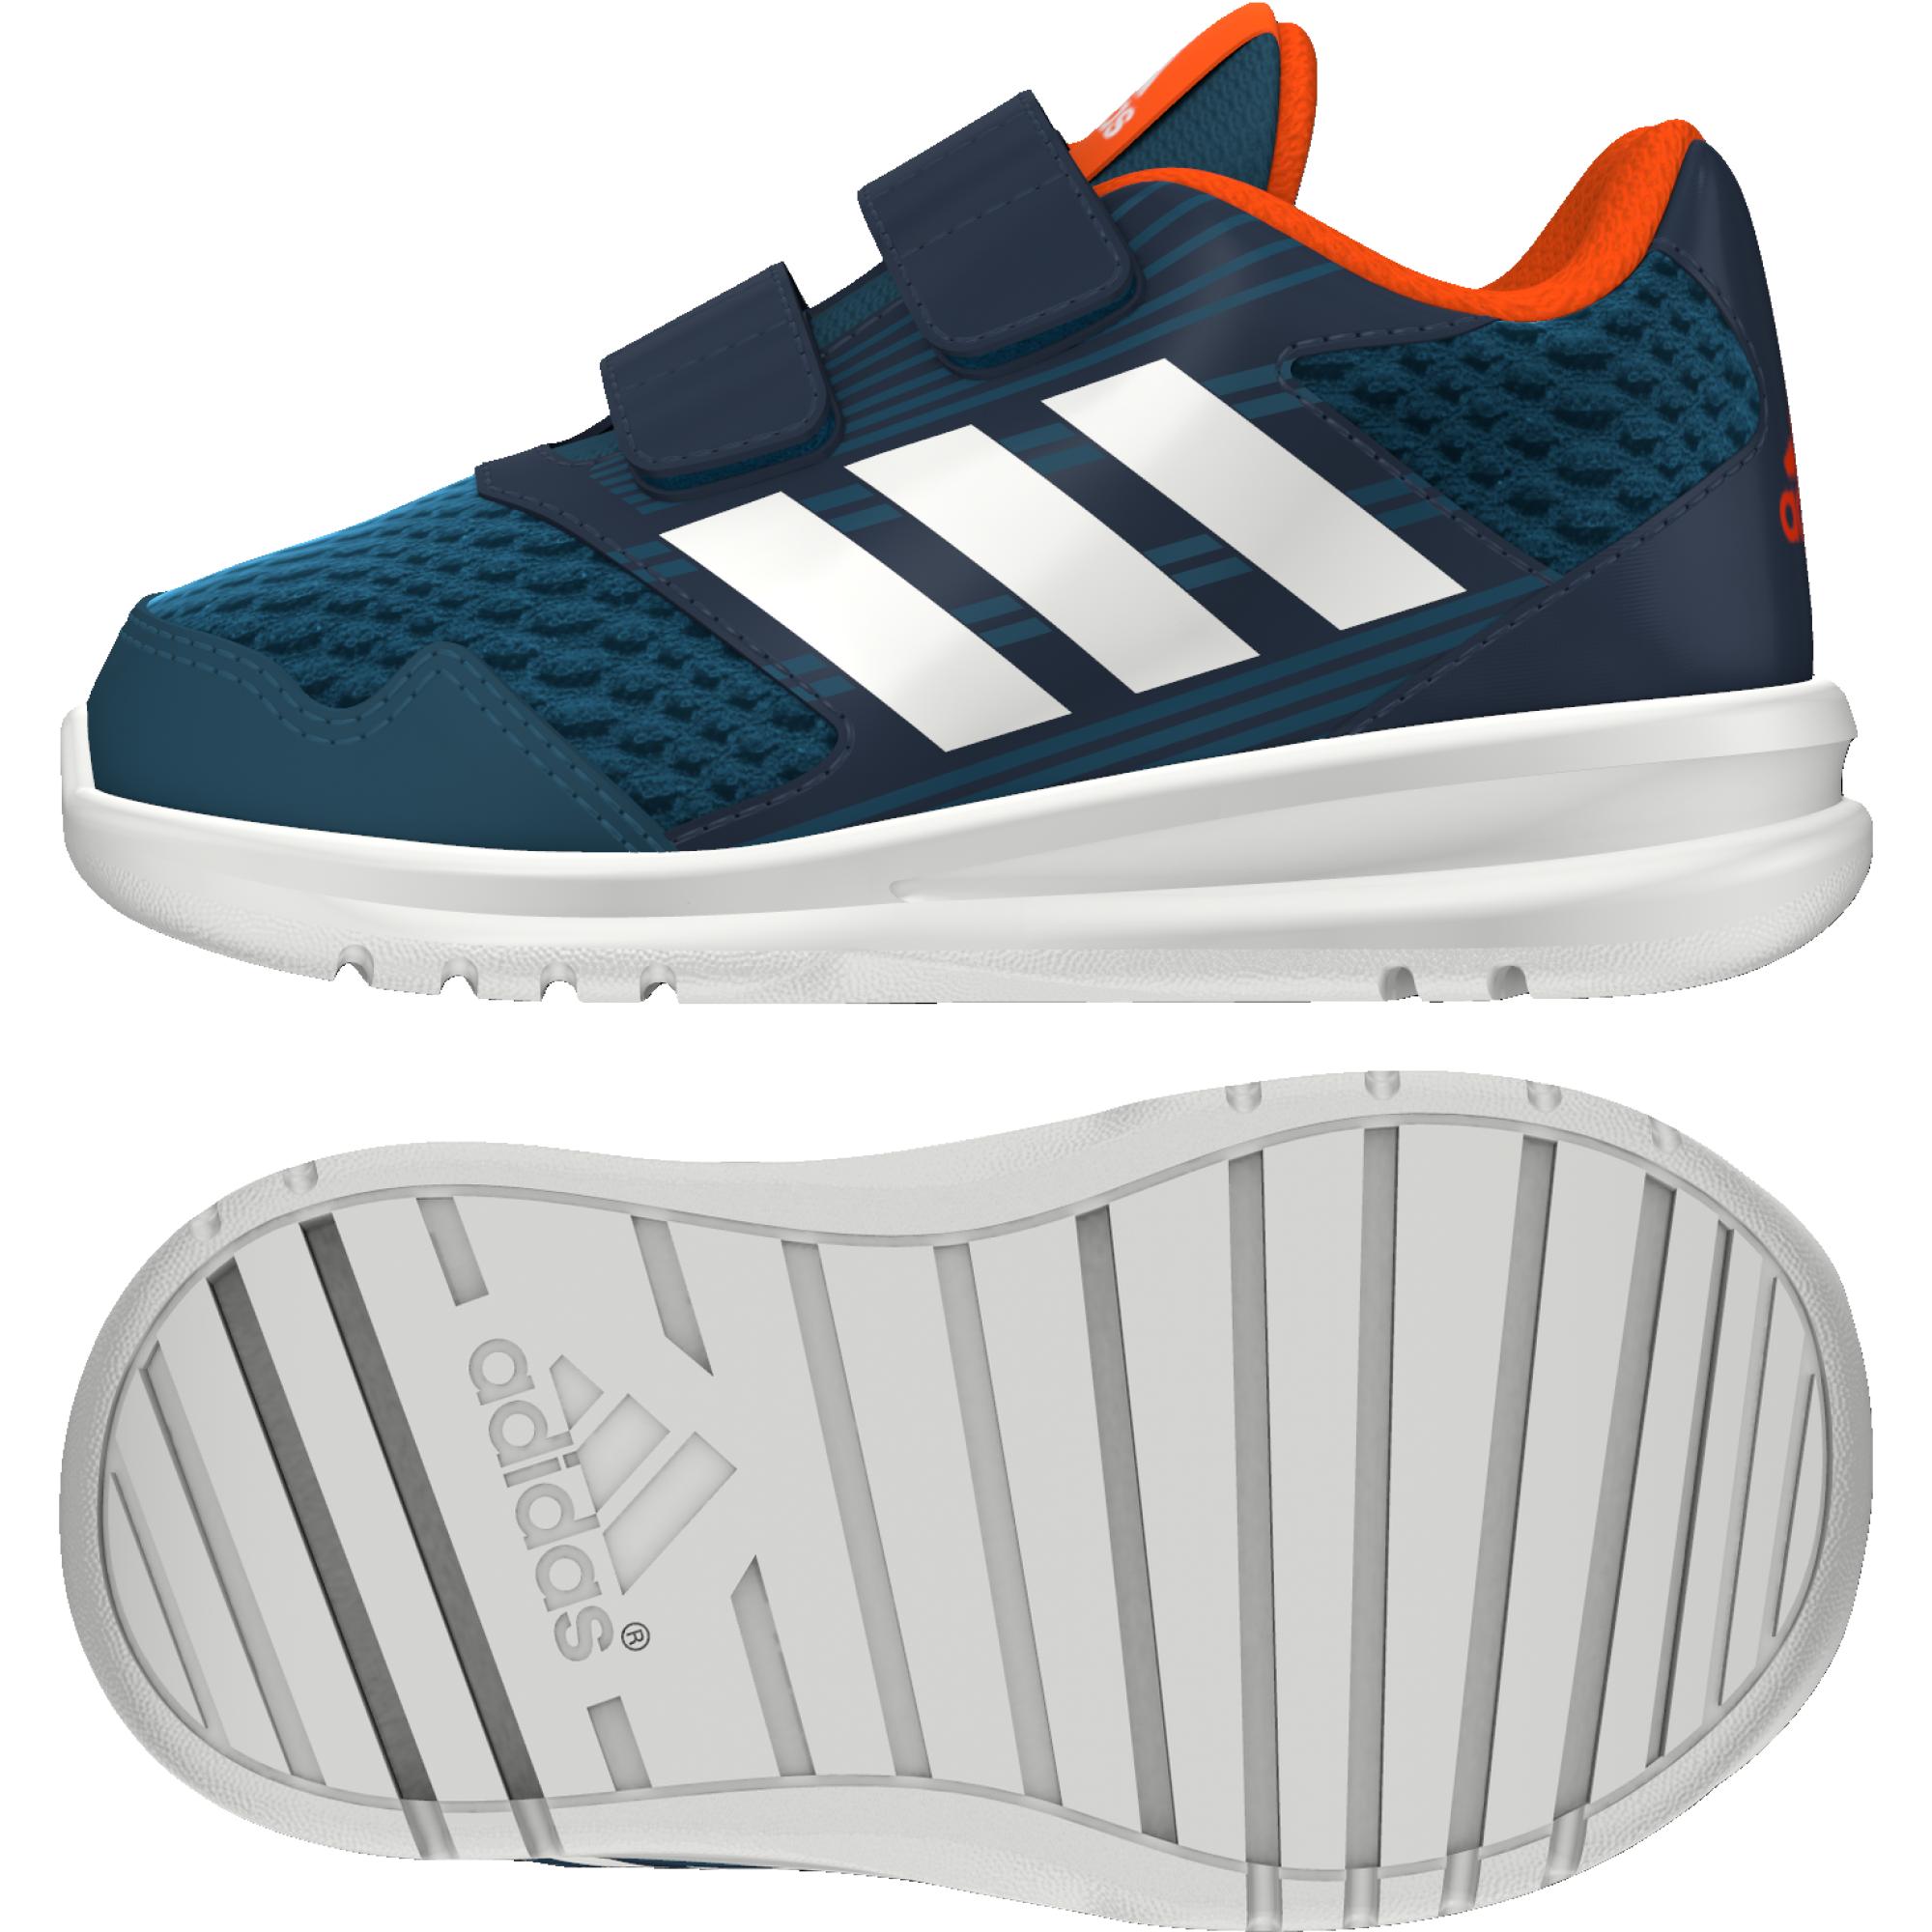 Adidas Altarun Cf I bébi utcai cipő  9b89b2caaa